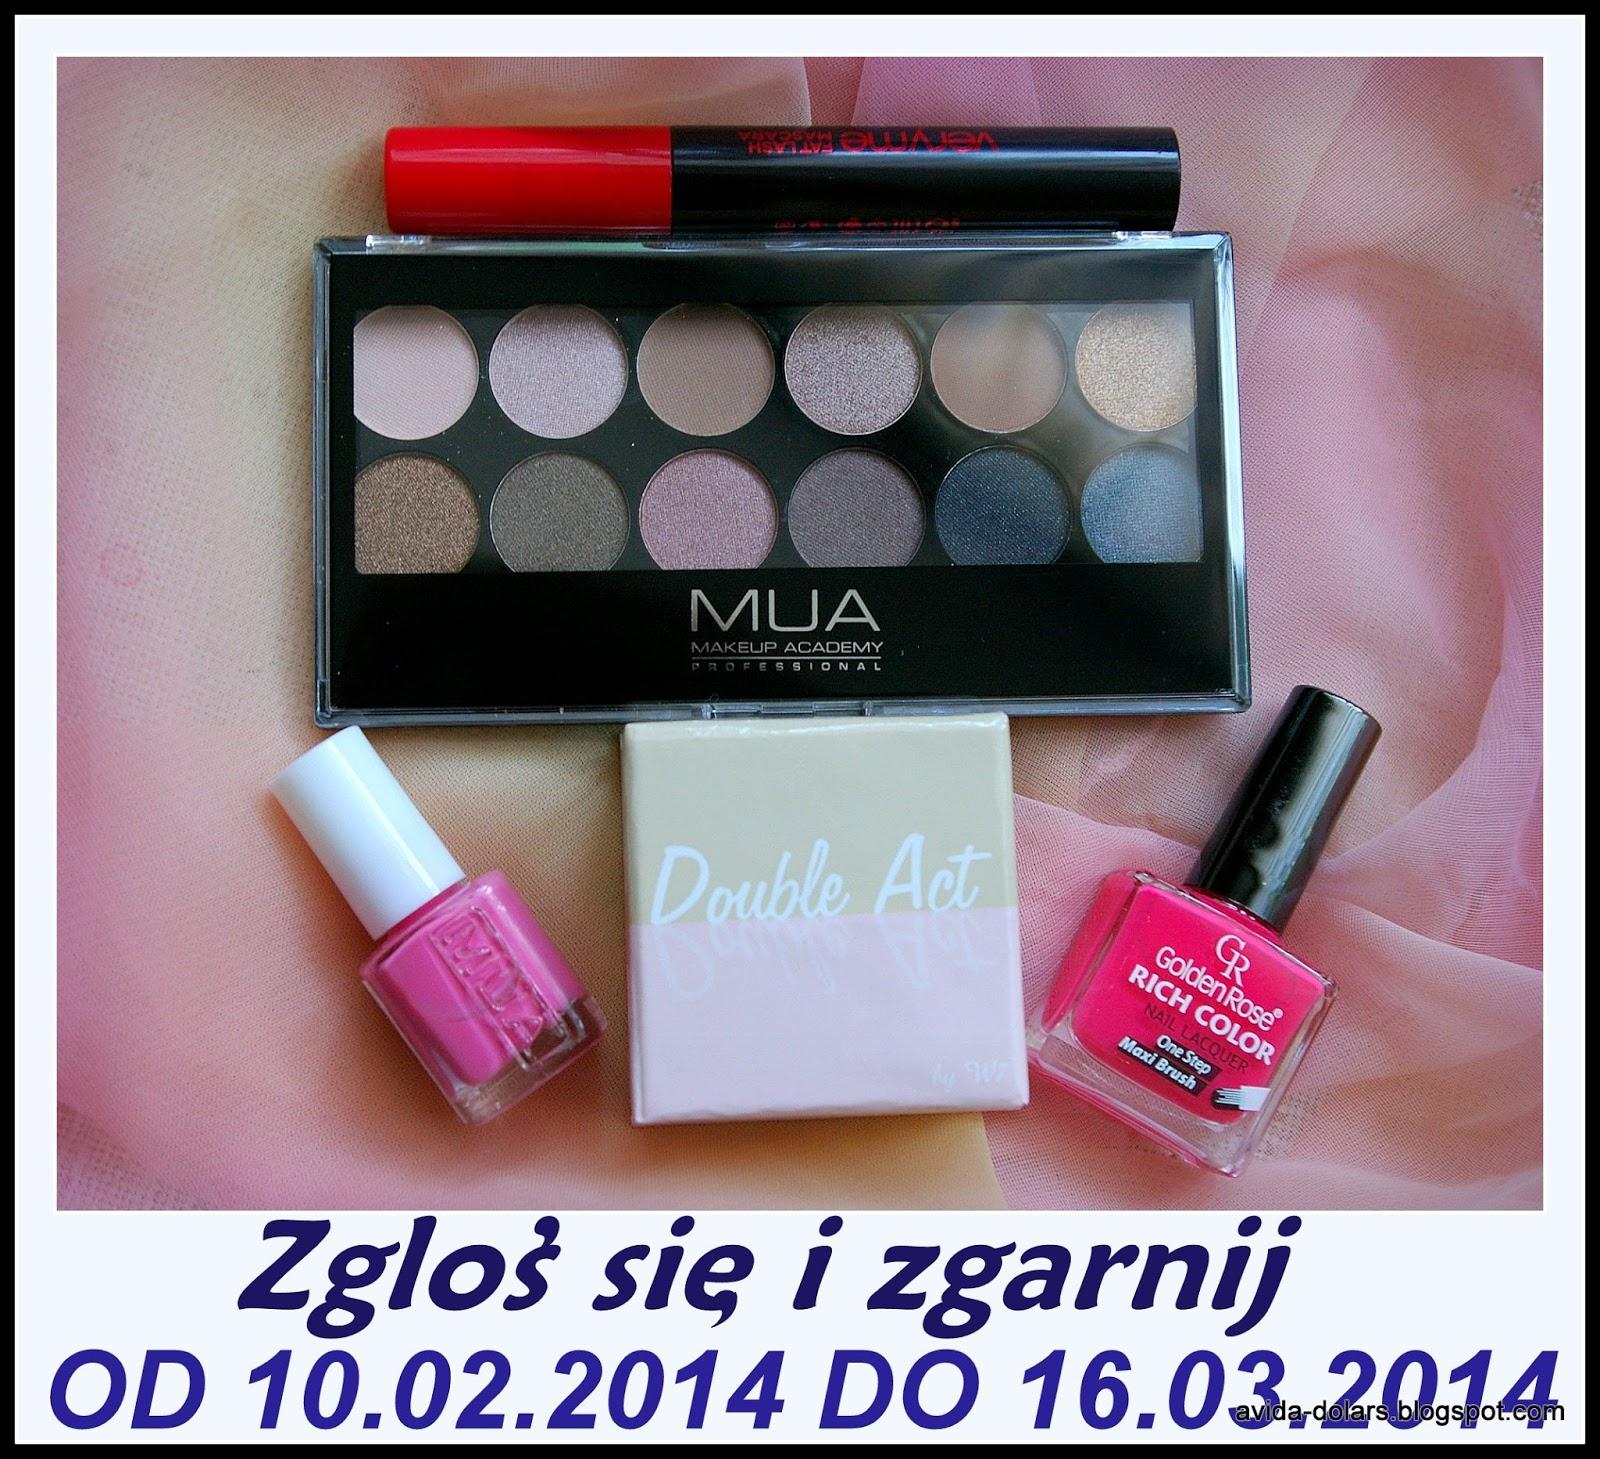 http://www.avida-dolars.blogspot.com/2014/02/rozdaniez-okazji-1-roku-blogowania.html